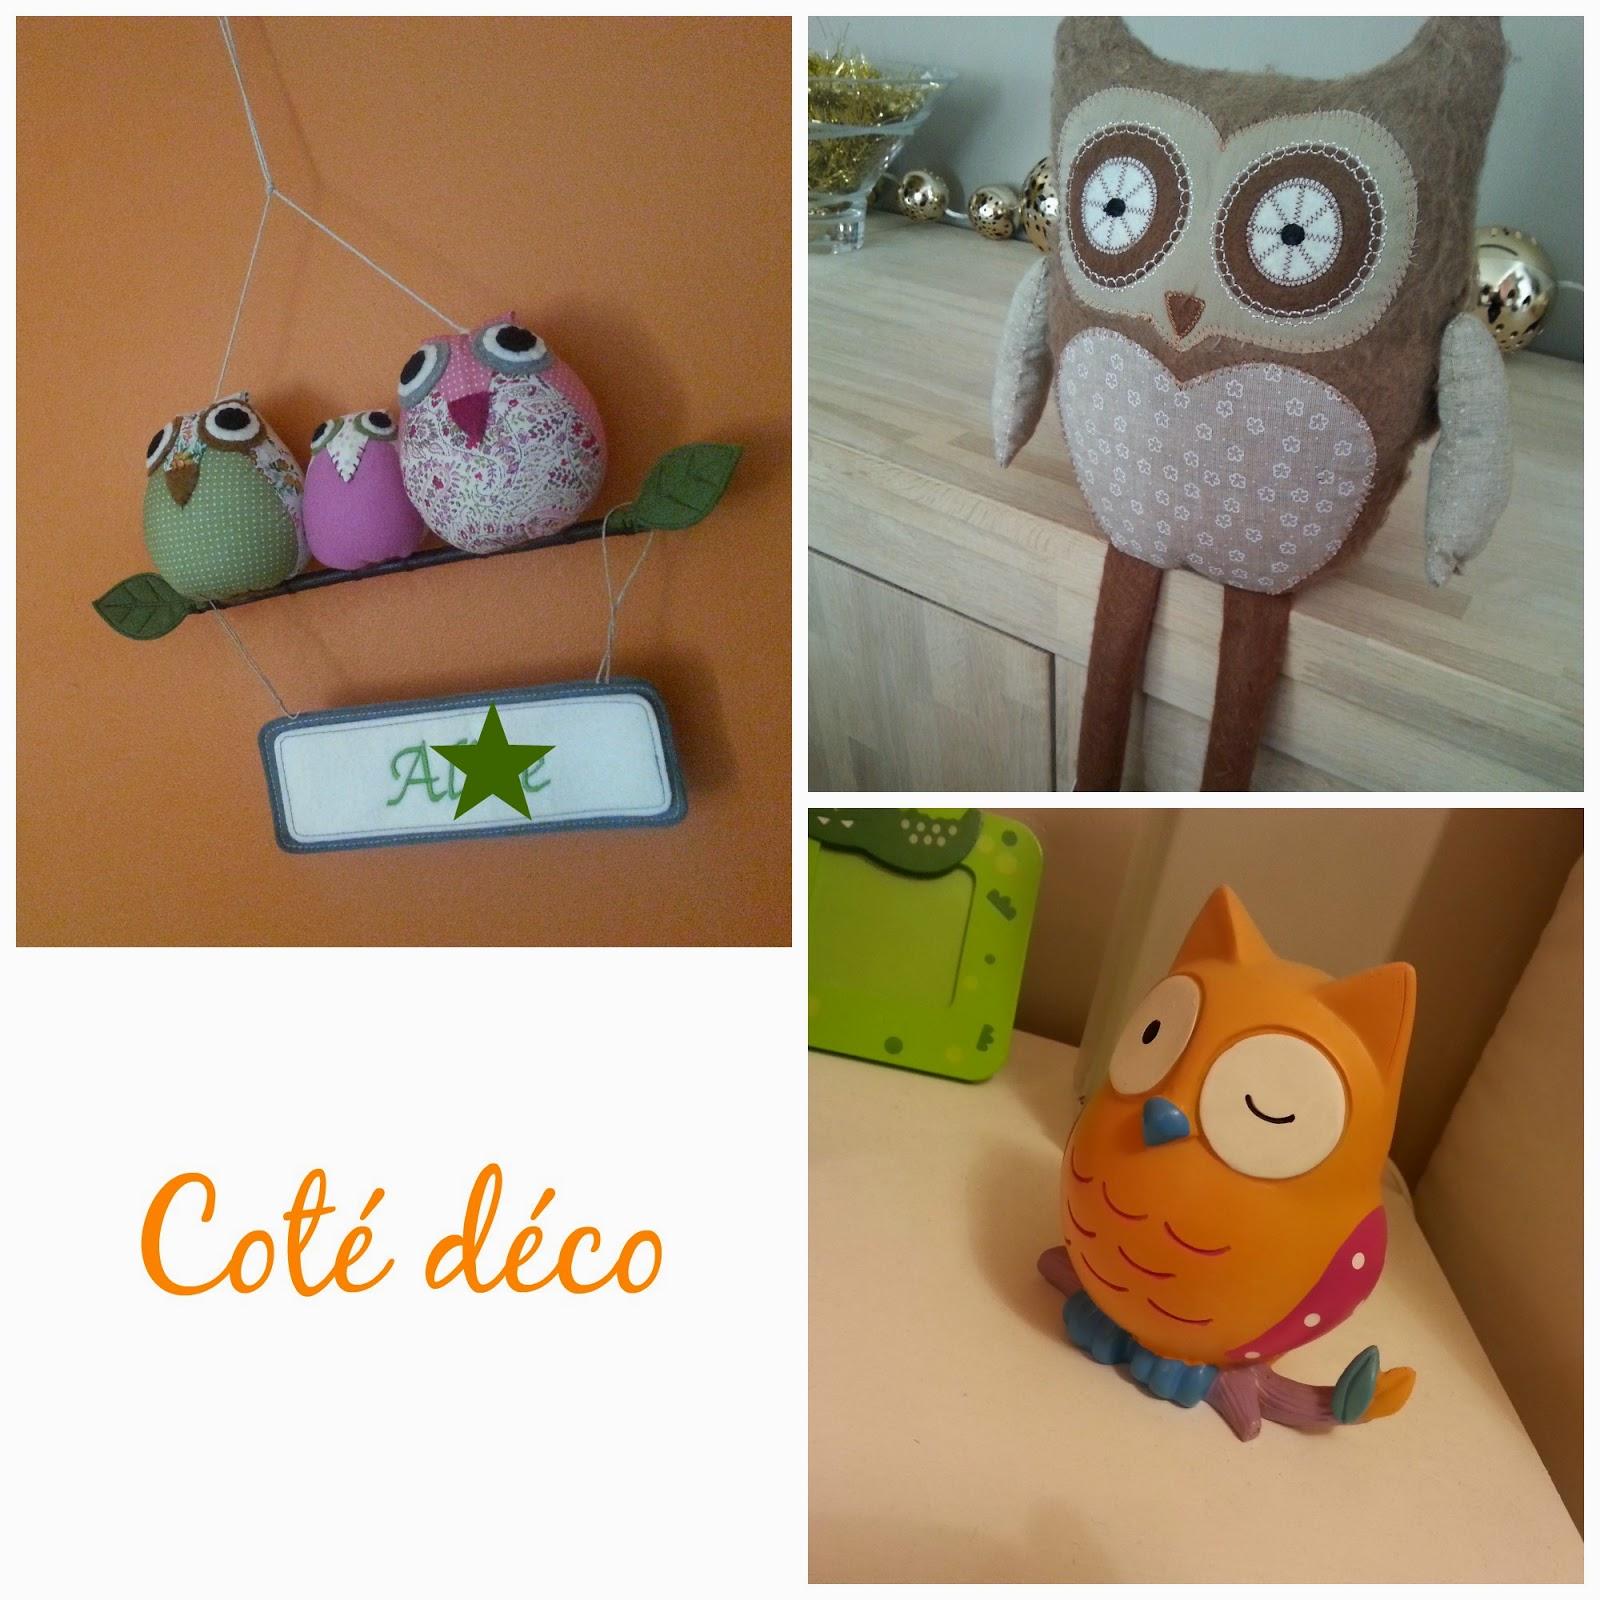 unegrenouilletouterose.blogspot.com